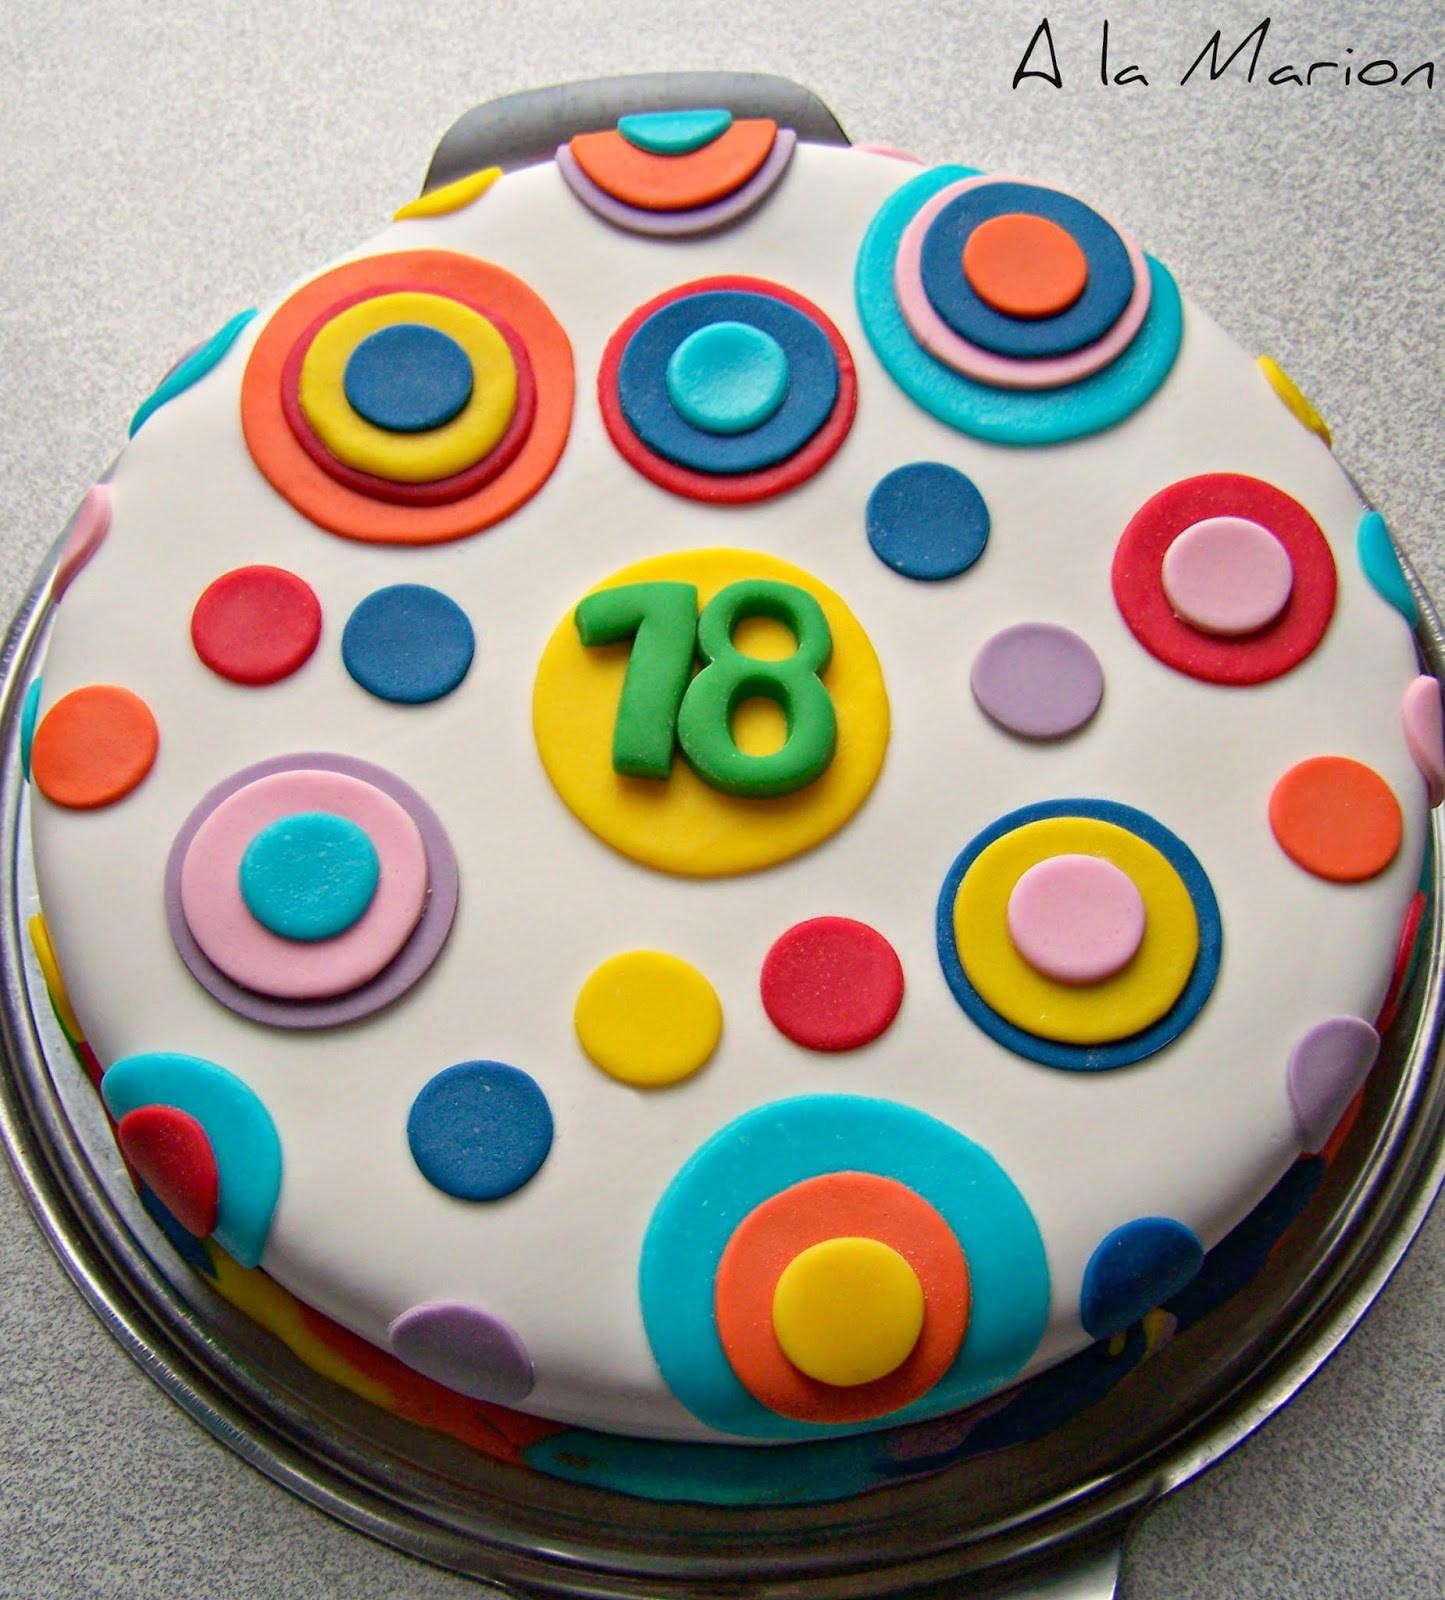 Geburtstagskuchen 18  Geburtstagskuchen 18 Einfach Geburtstagstorte